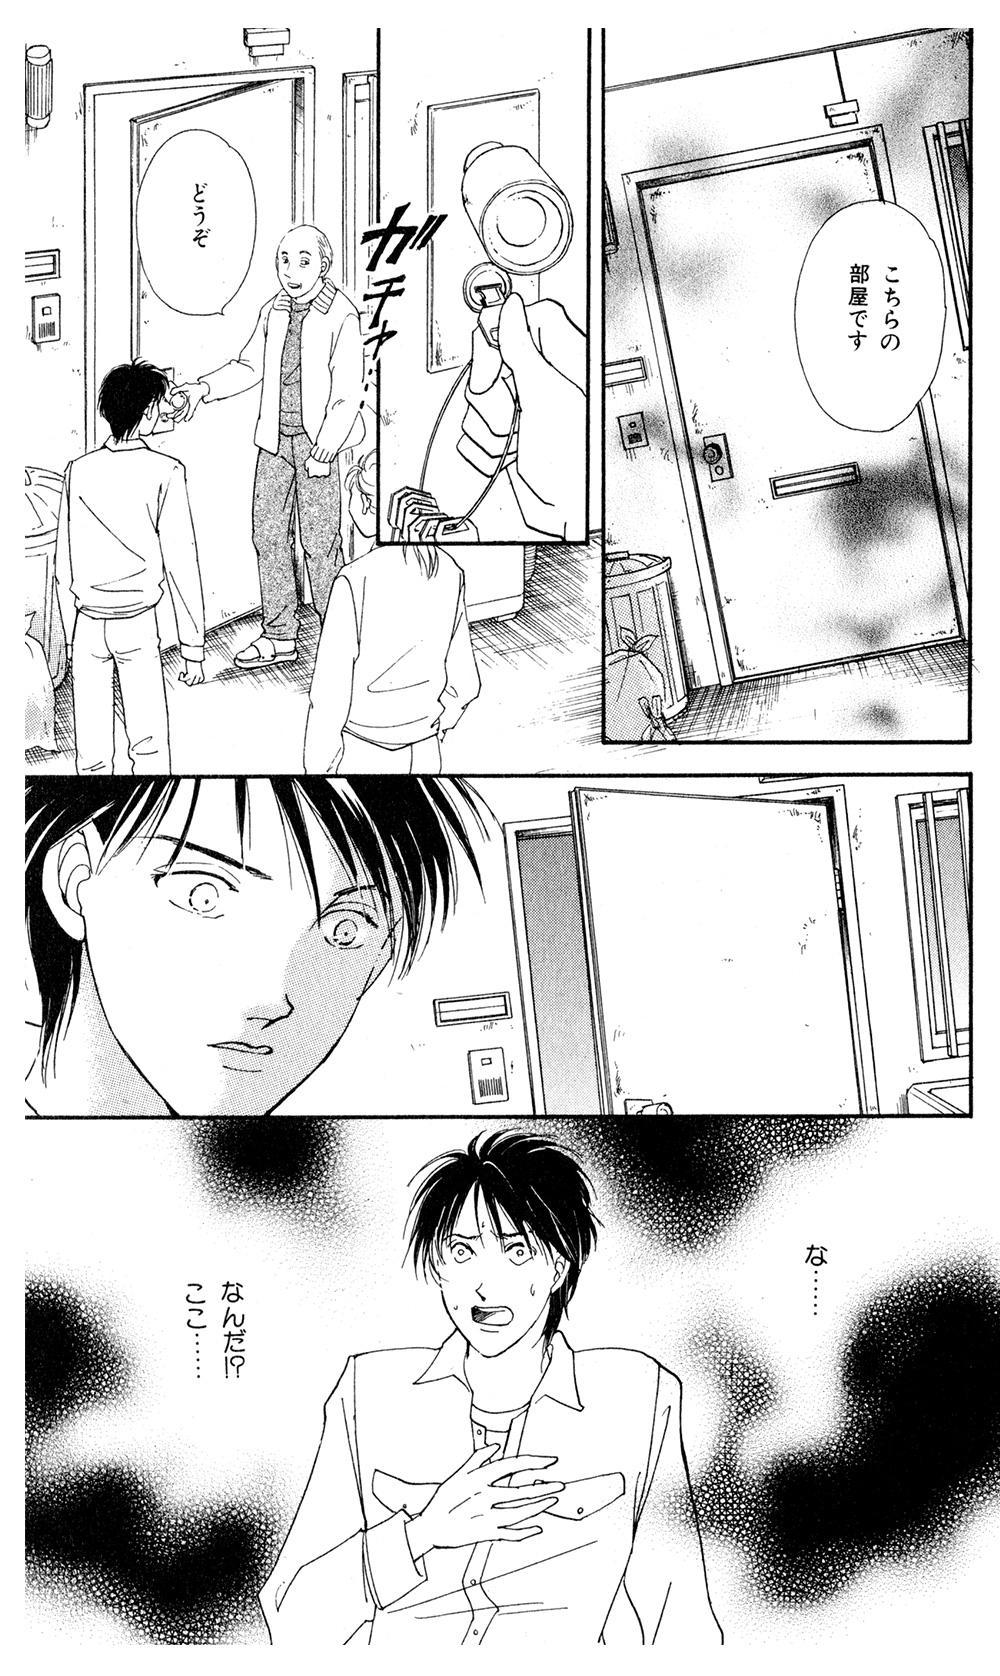 魔百合の恐怖報告 「災いを呼ぶ老婆」①rouba01-04.jpg